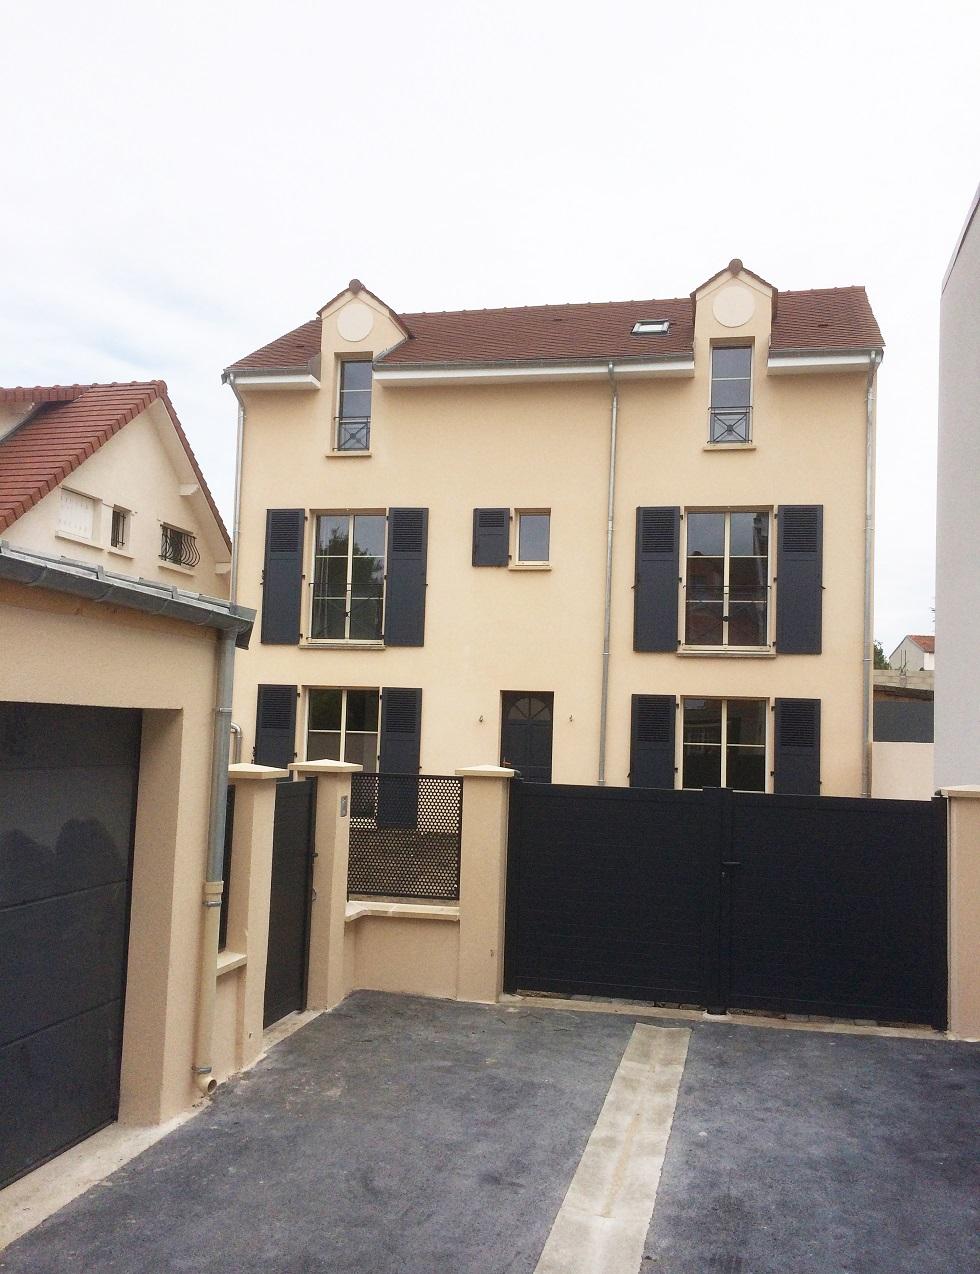 Image Principale - Deux maisons de ville à Croissy sur Seine